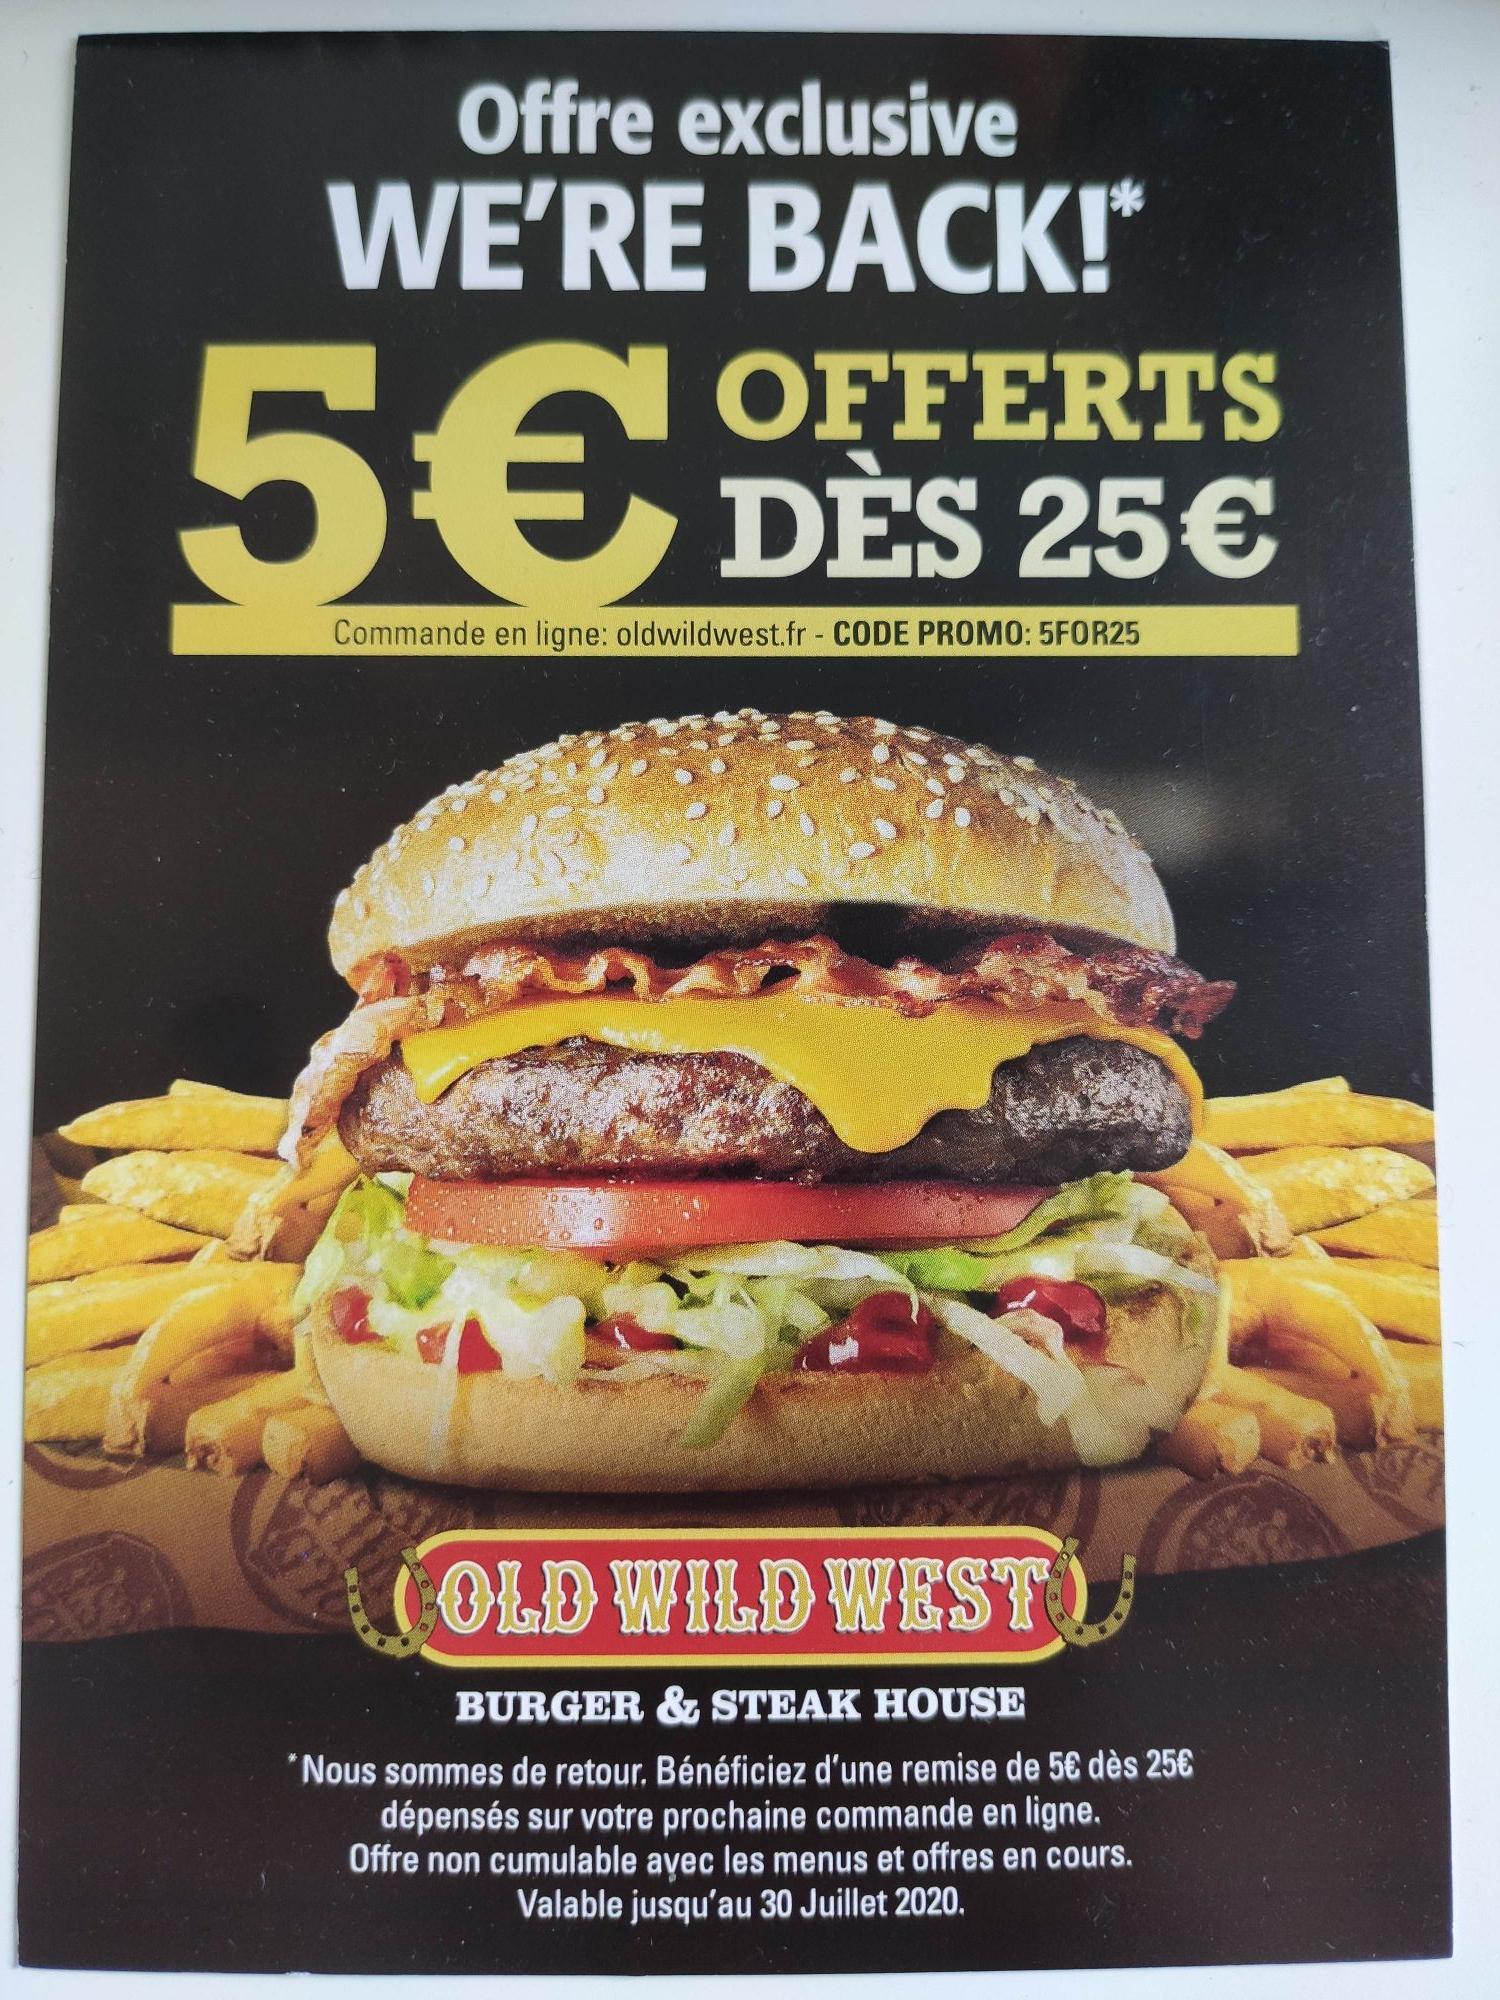 5€ de réduction dès 25€ d'achat (hors menus et offres en cours) - oldwildwest.fr